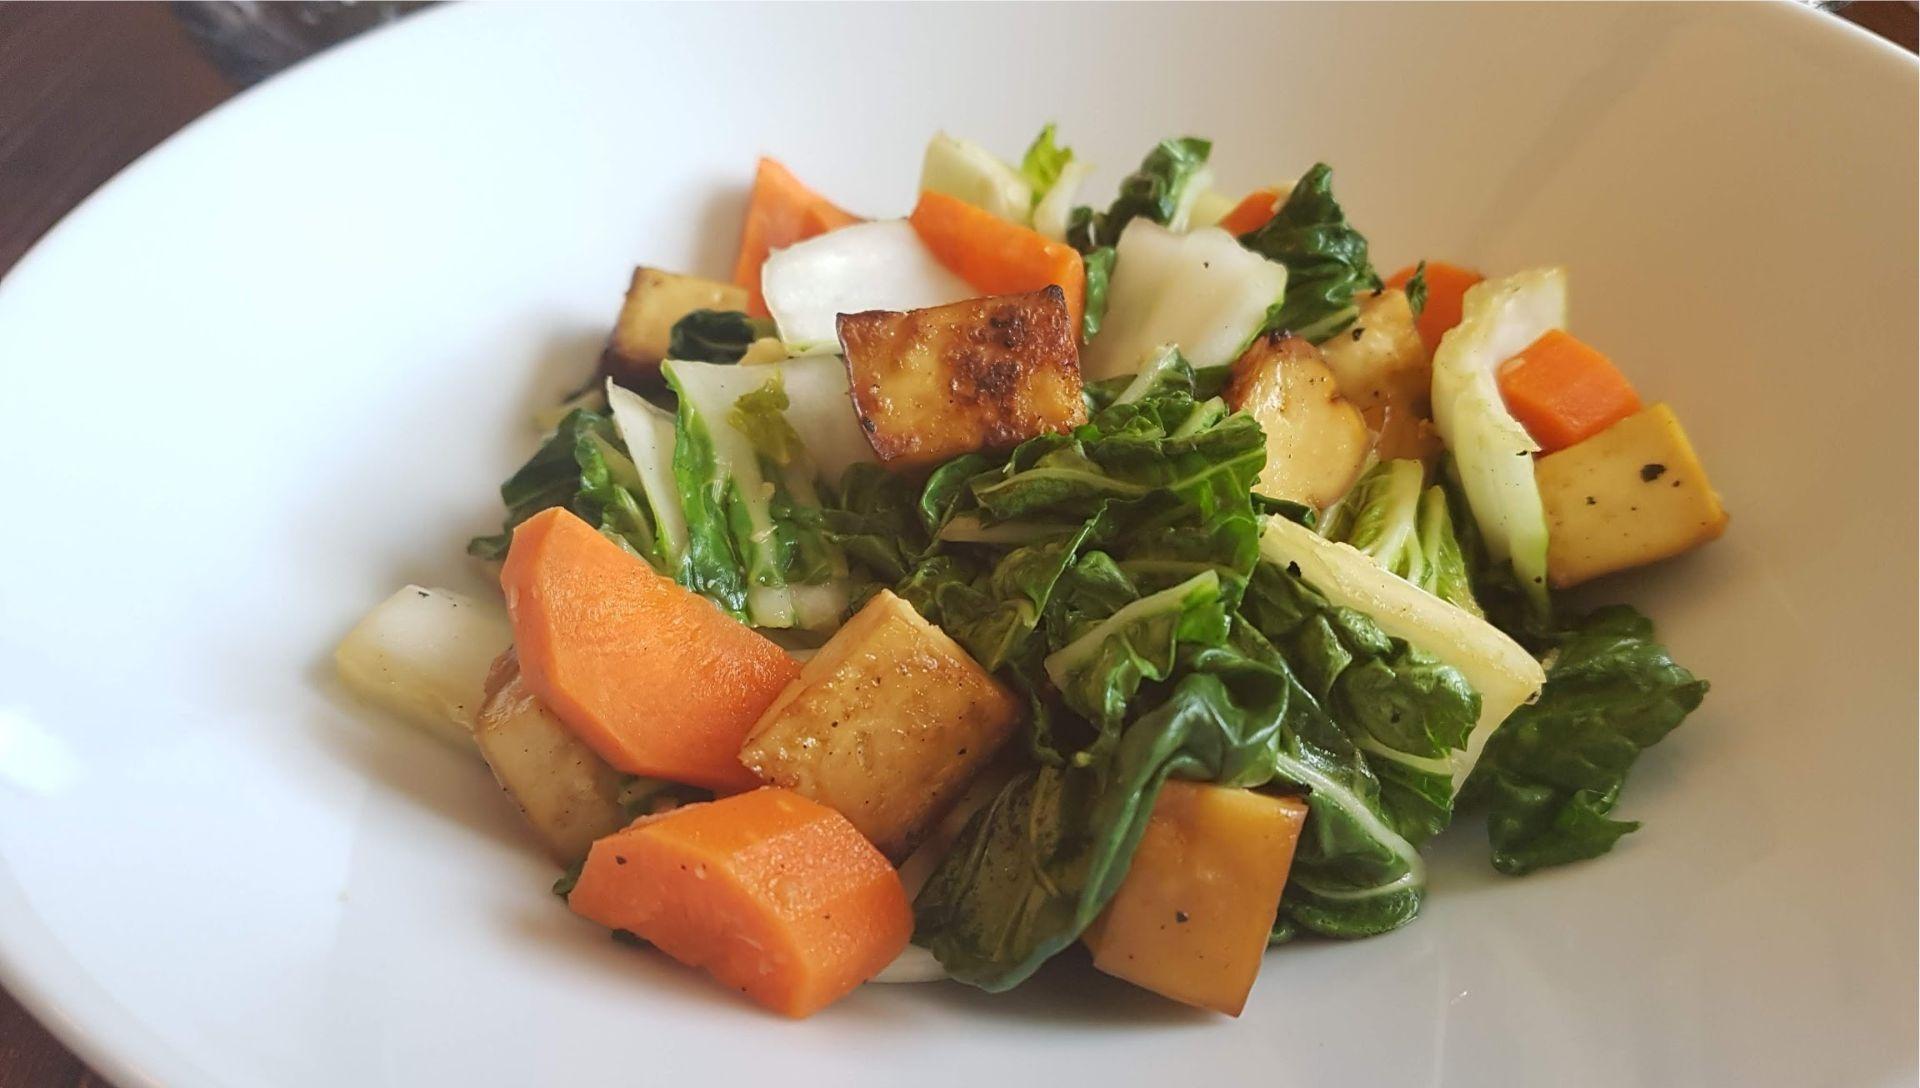 Tofu grillé, carottes et bok choy dans un bol blanc